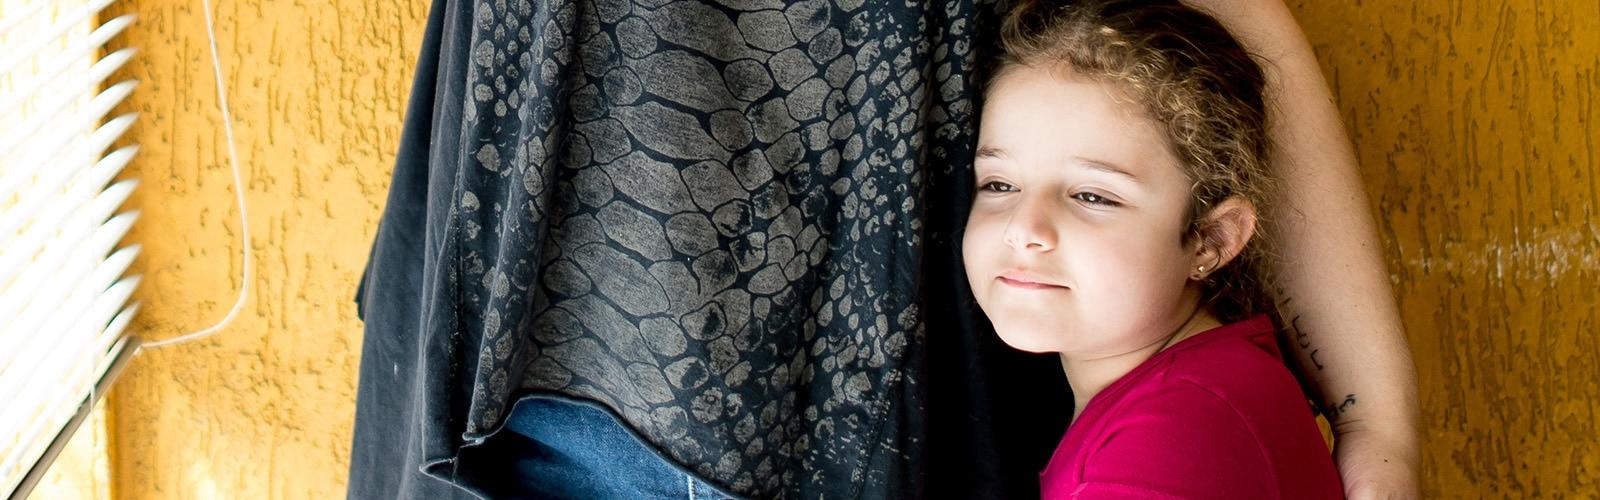 Äiti suojelee lämpimästi ja turvallisesti kainalossaan hymyilevää neljävuotiasta tyttöä huoneessa.